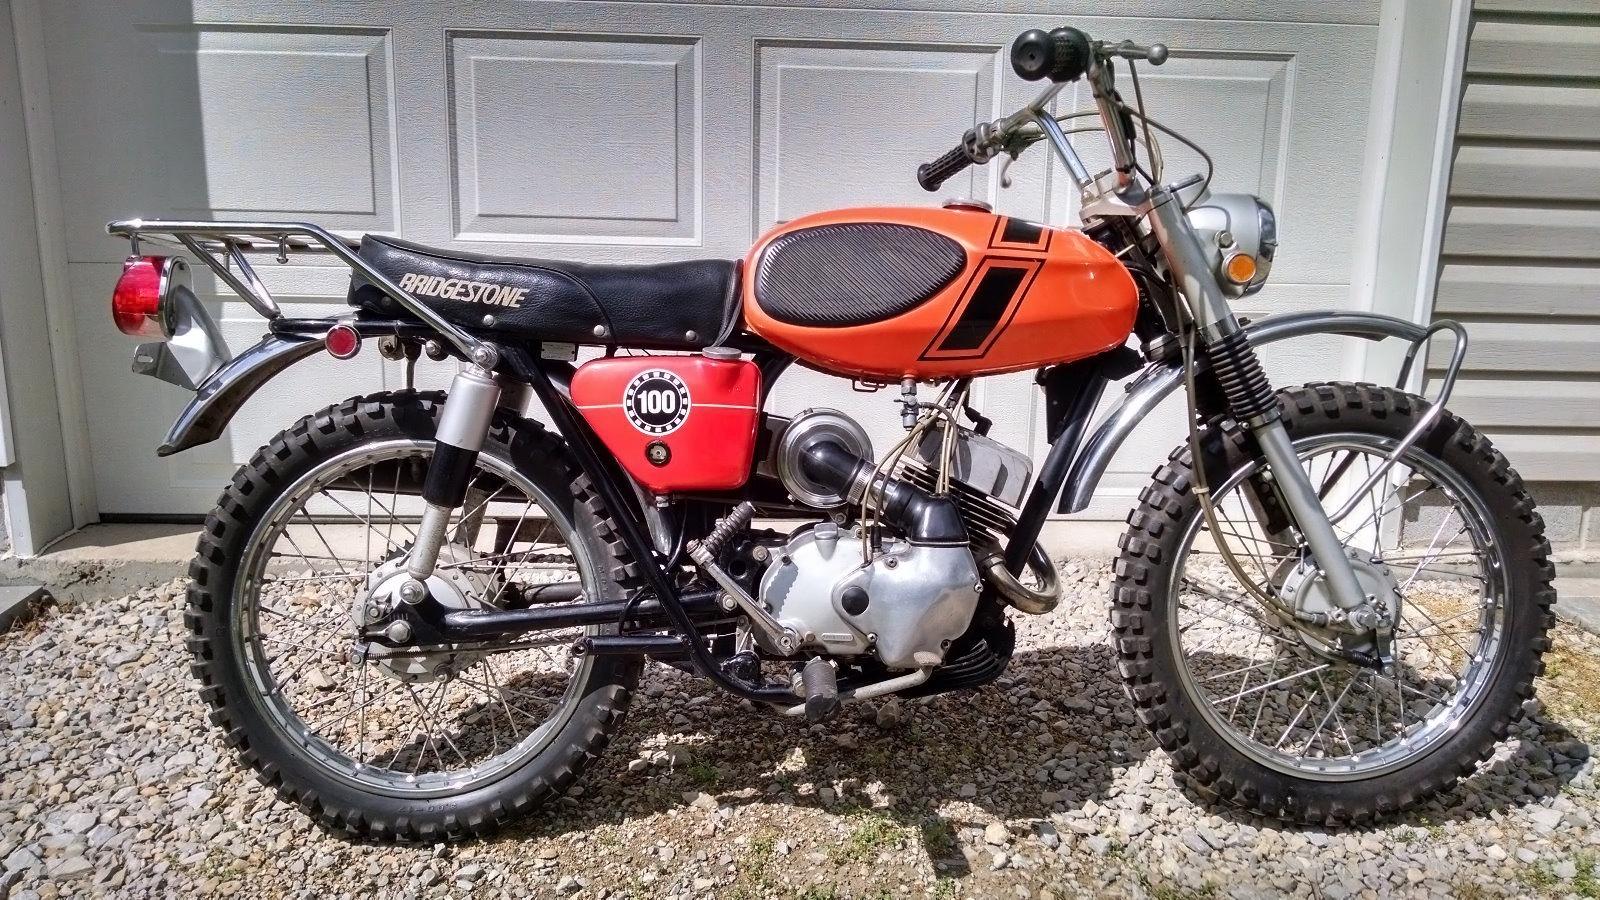 original owner 1971 bridgestone 100 tmx